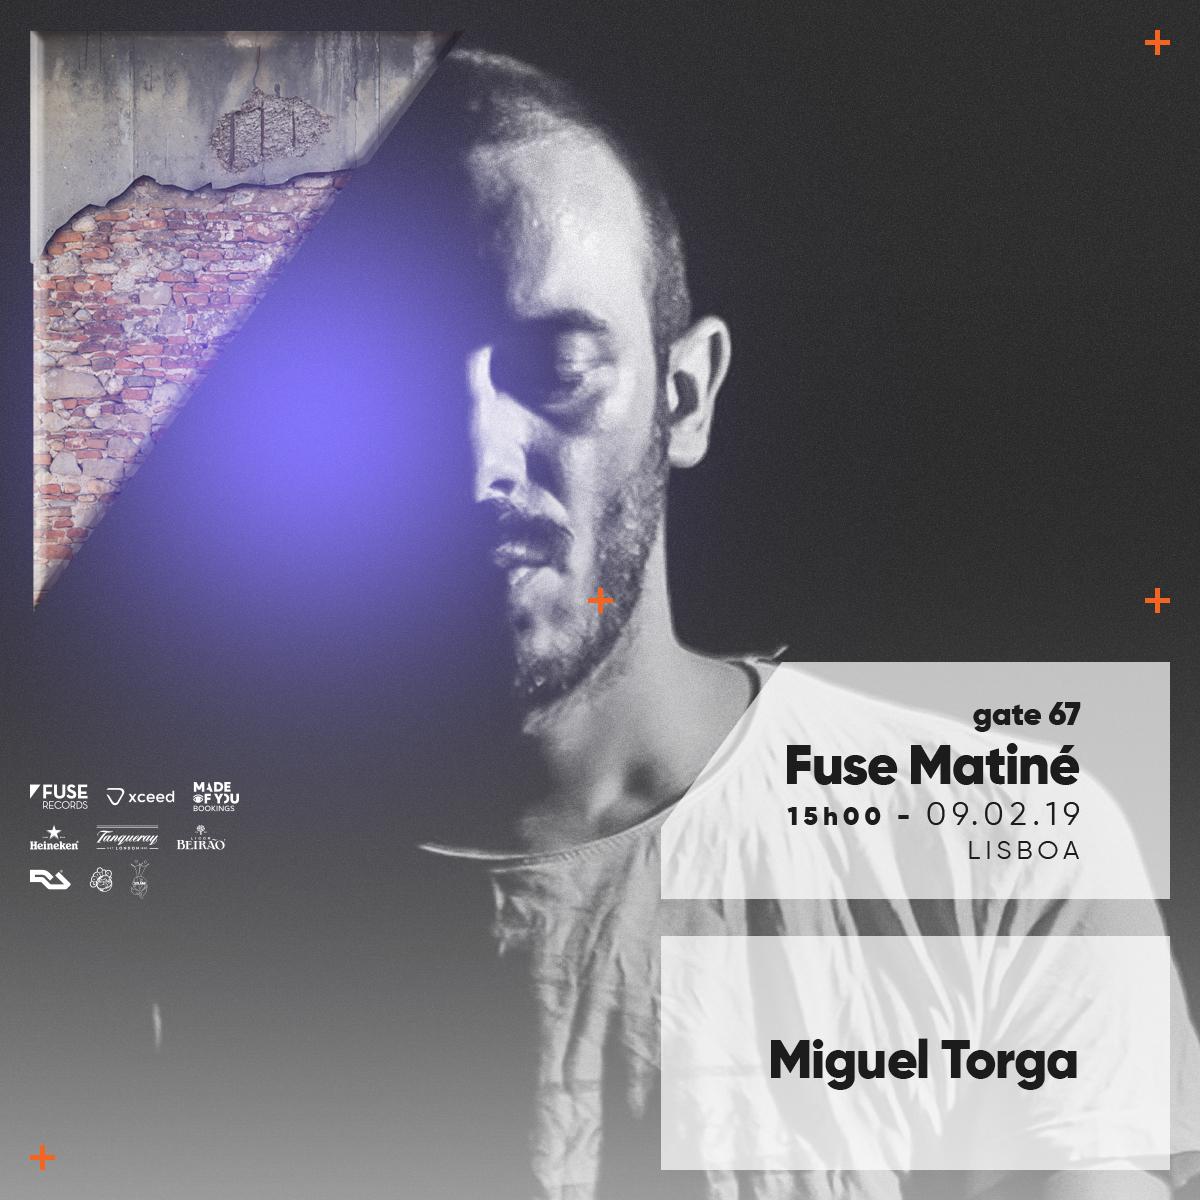 FuseMatine_090219_Profile_MiguelTorga.jpg